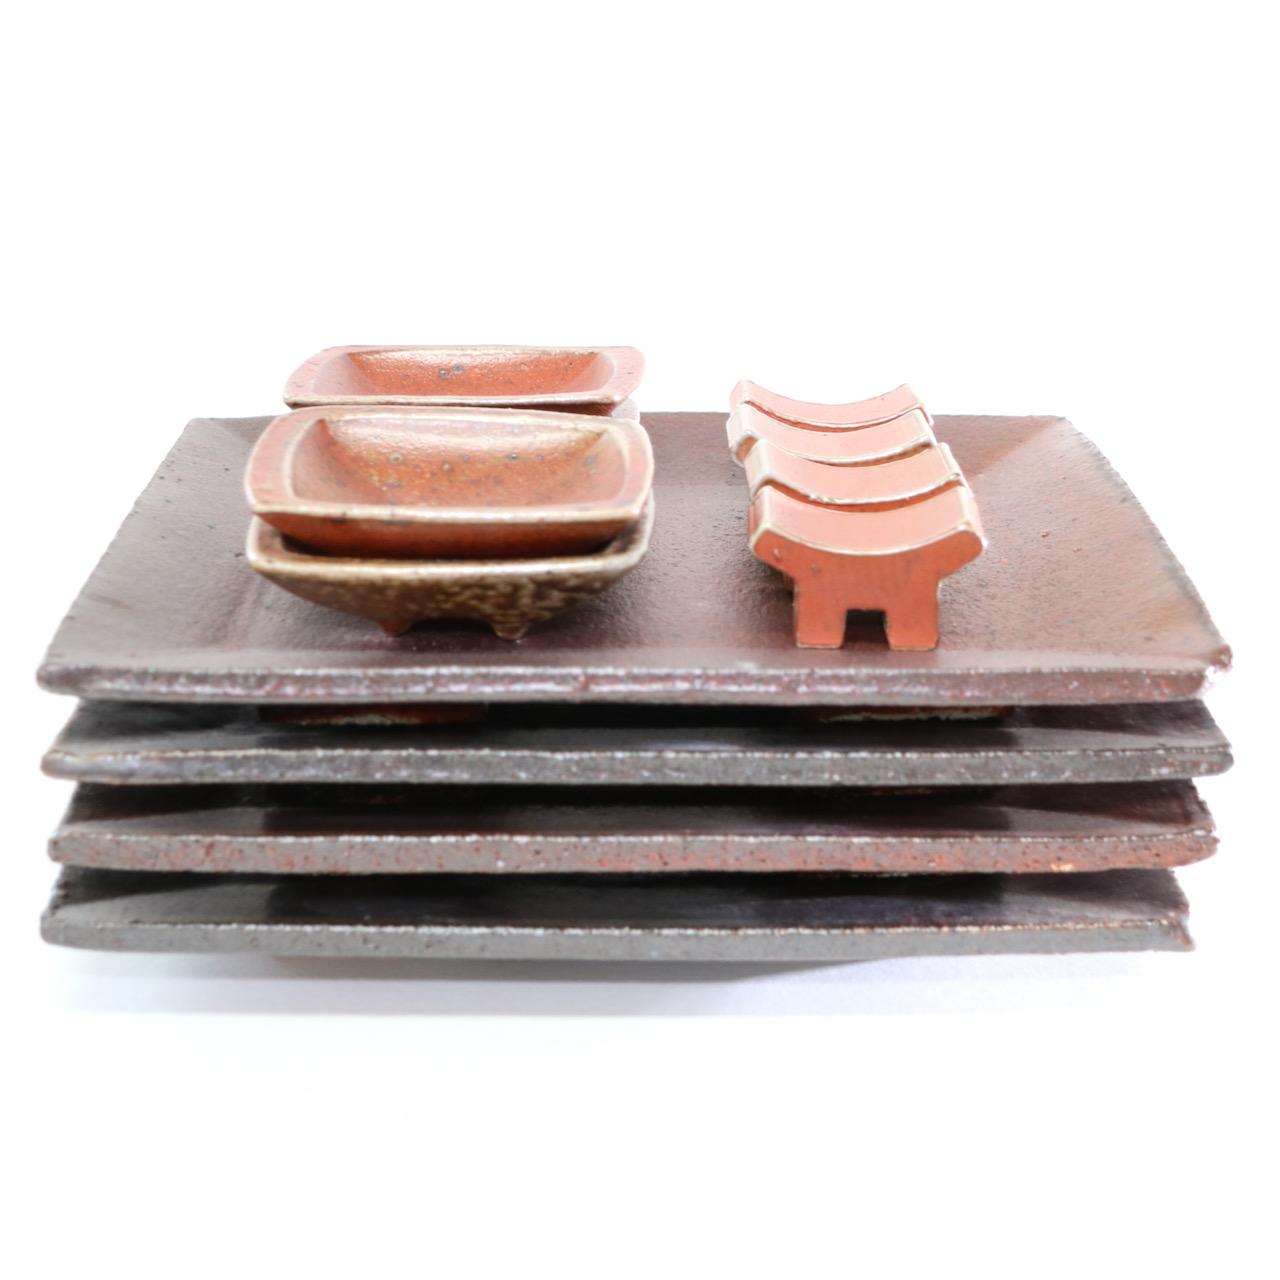 Sushiservice rostbrun/orange